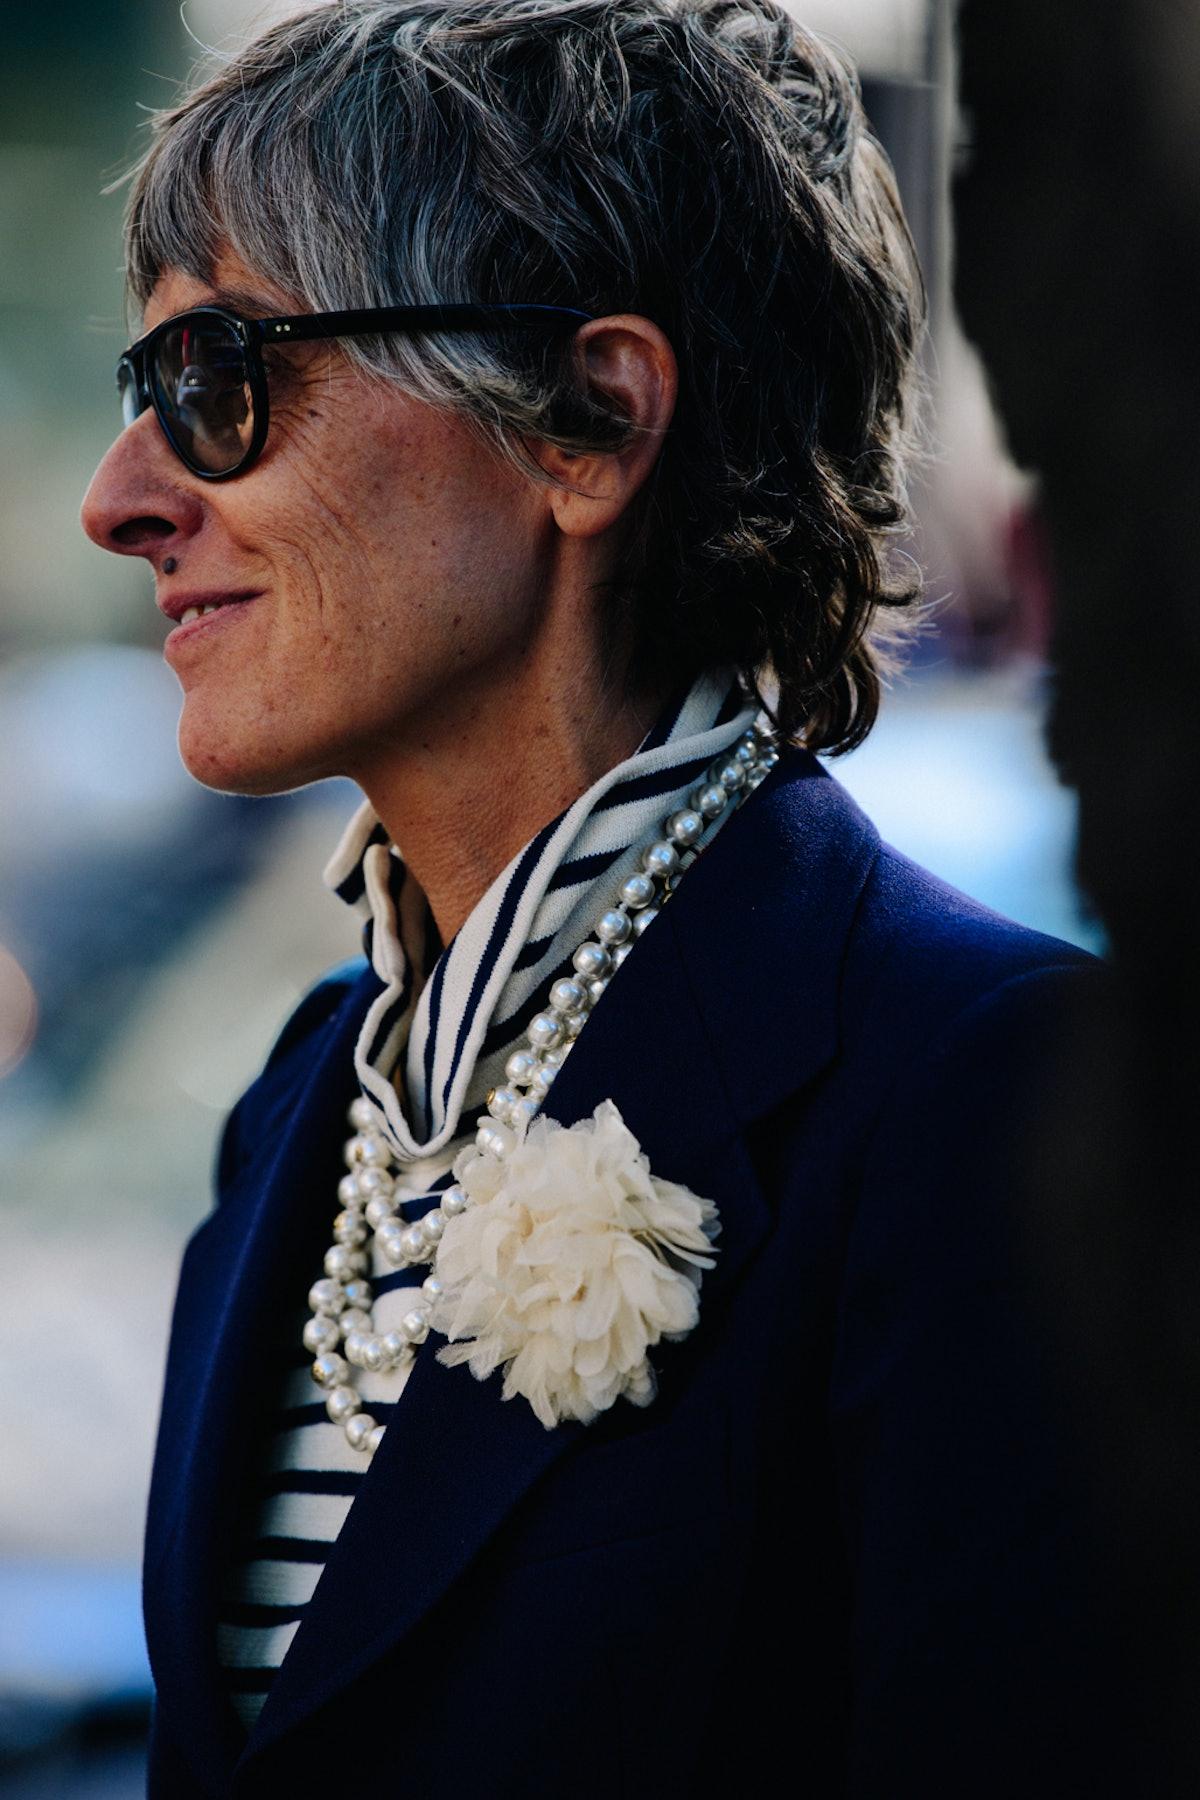 Adam-Katz-Sinding-W-Magazine-Milan-Fashion-Week-Spring-Summer-2020_AKS2223.jpg